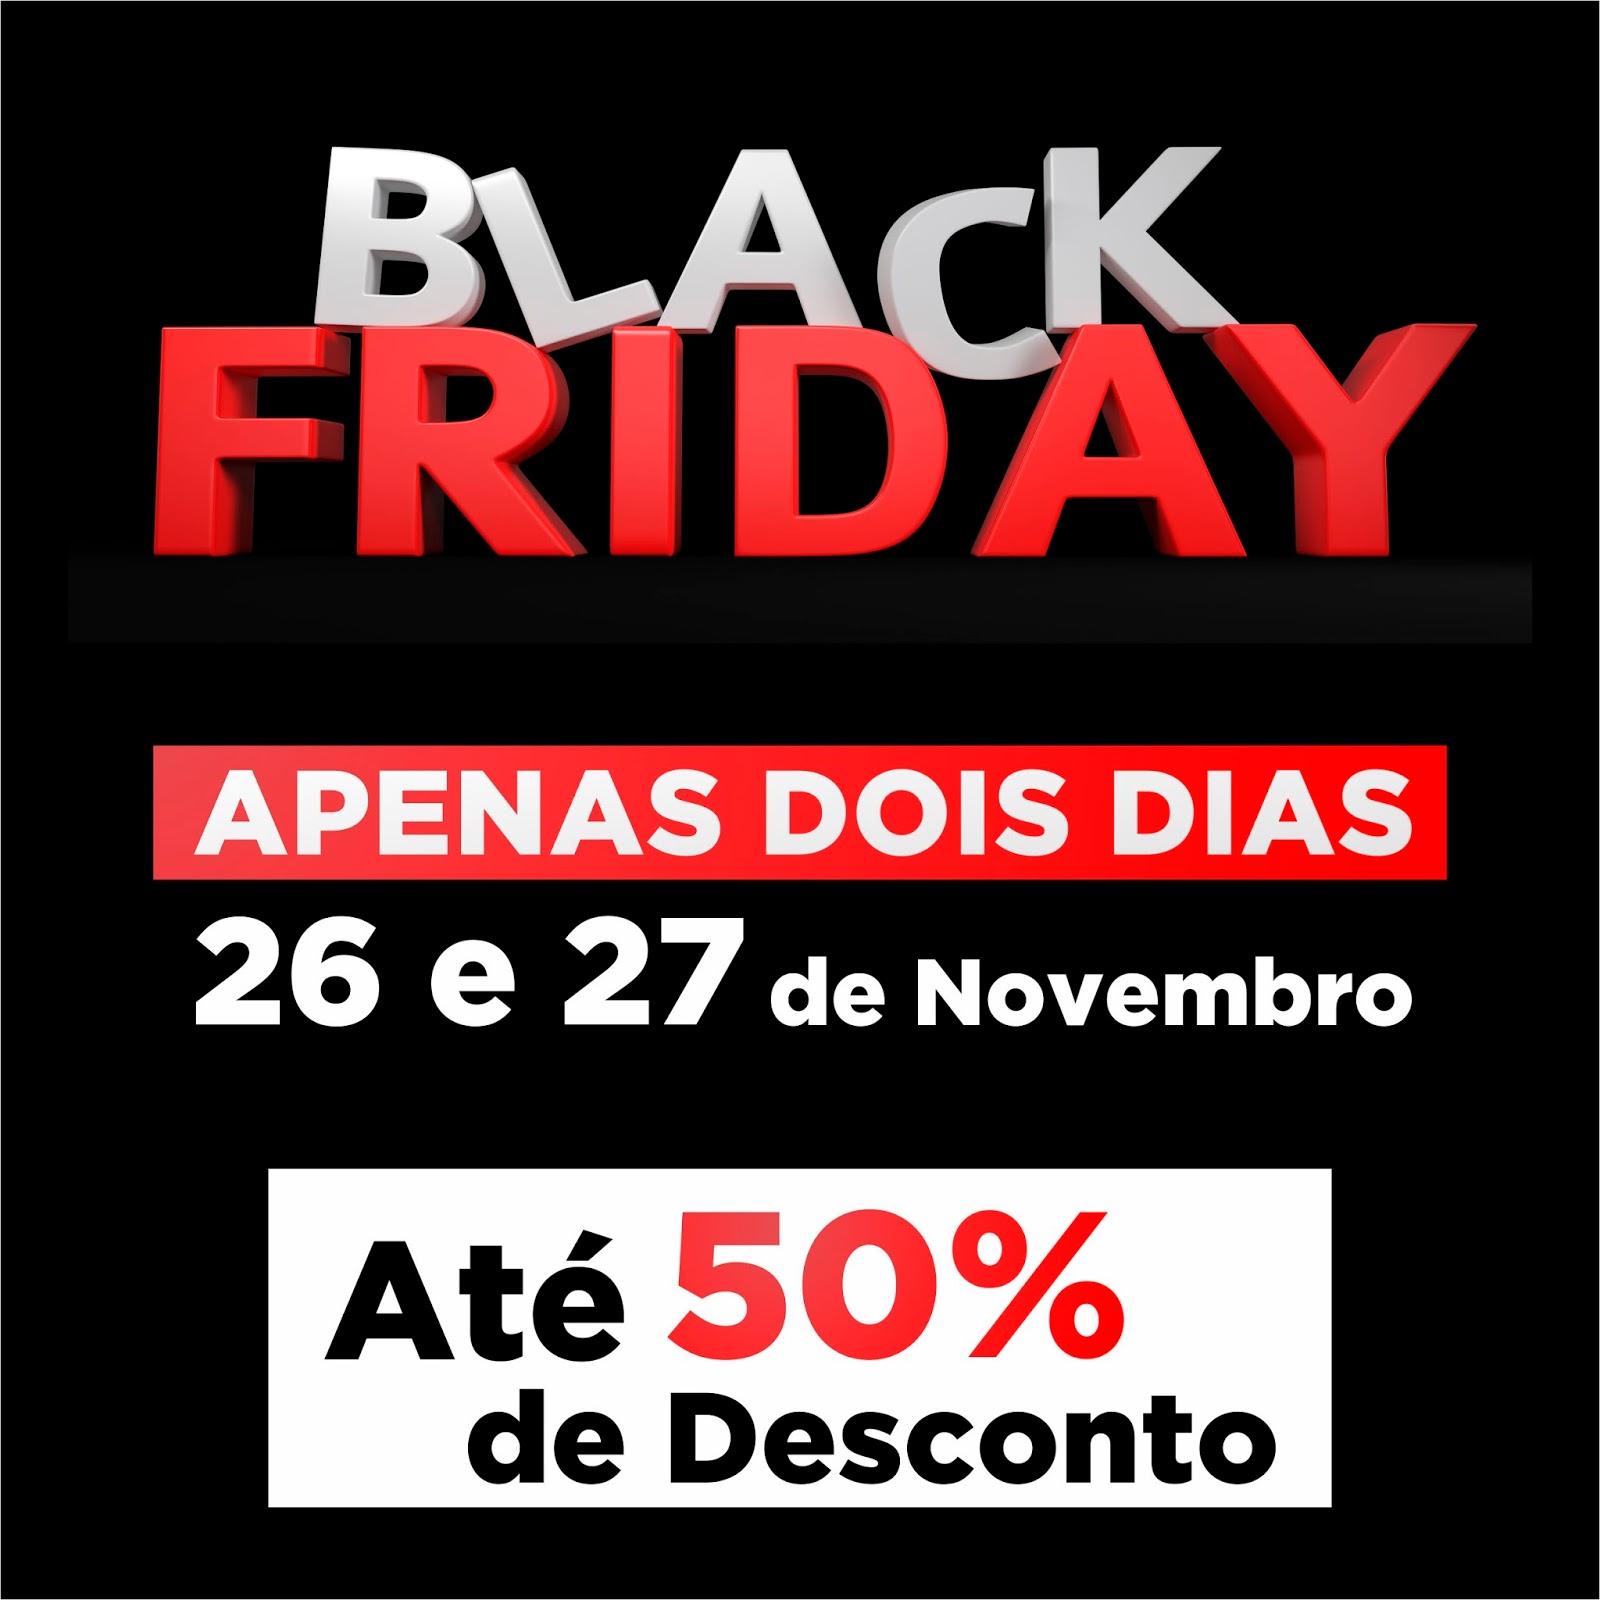 Atenção para o BLACK FRIDAY da loja Izabella 83a1462319dee